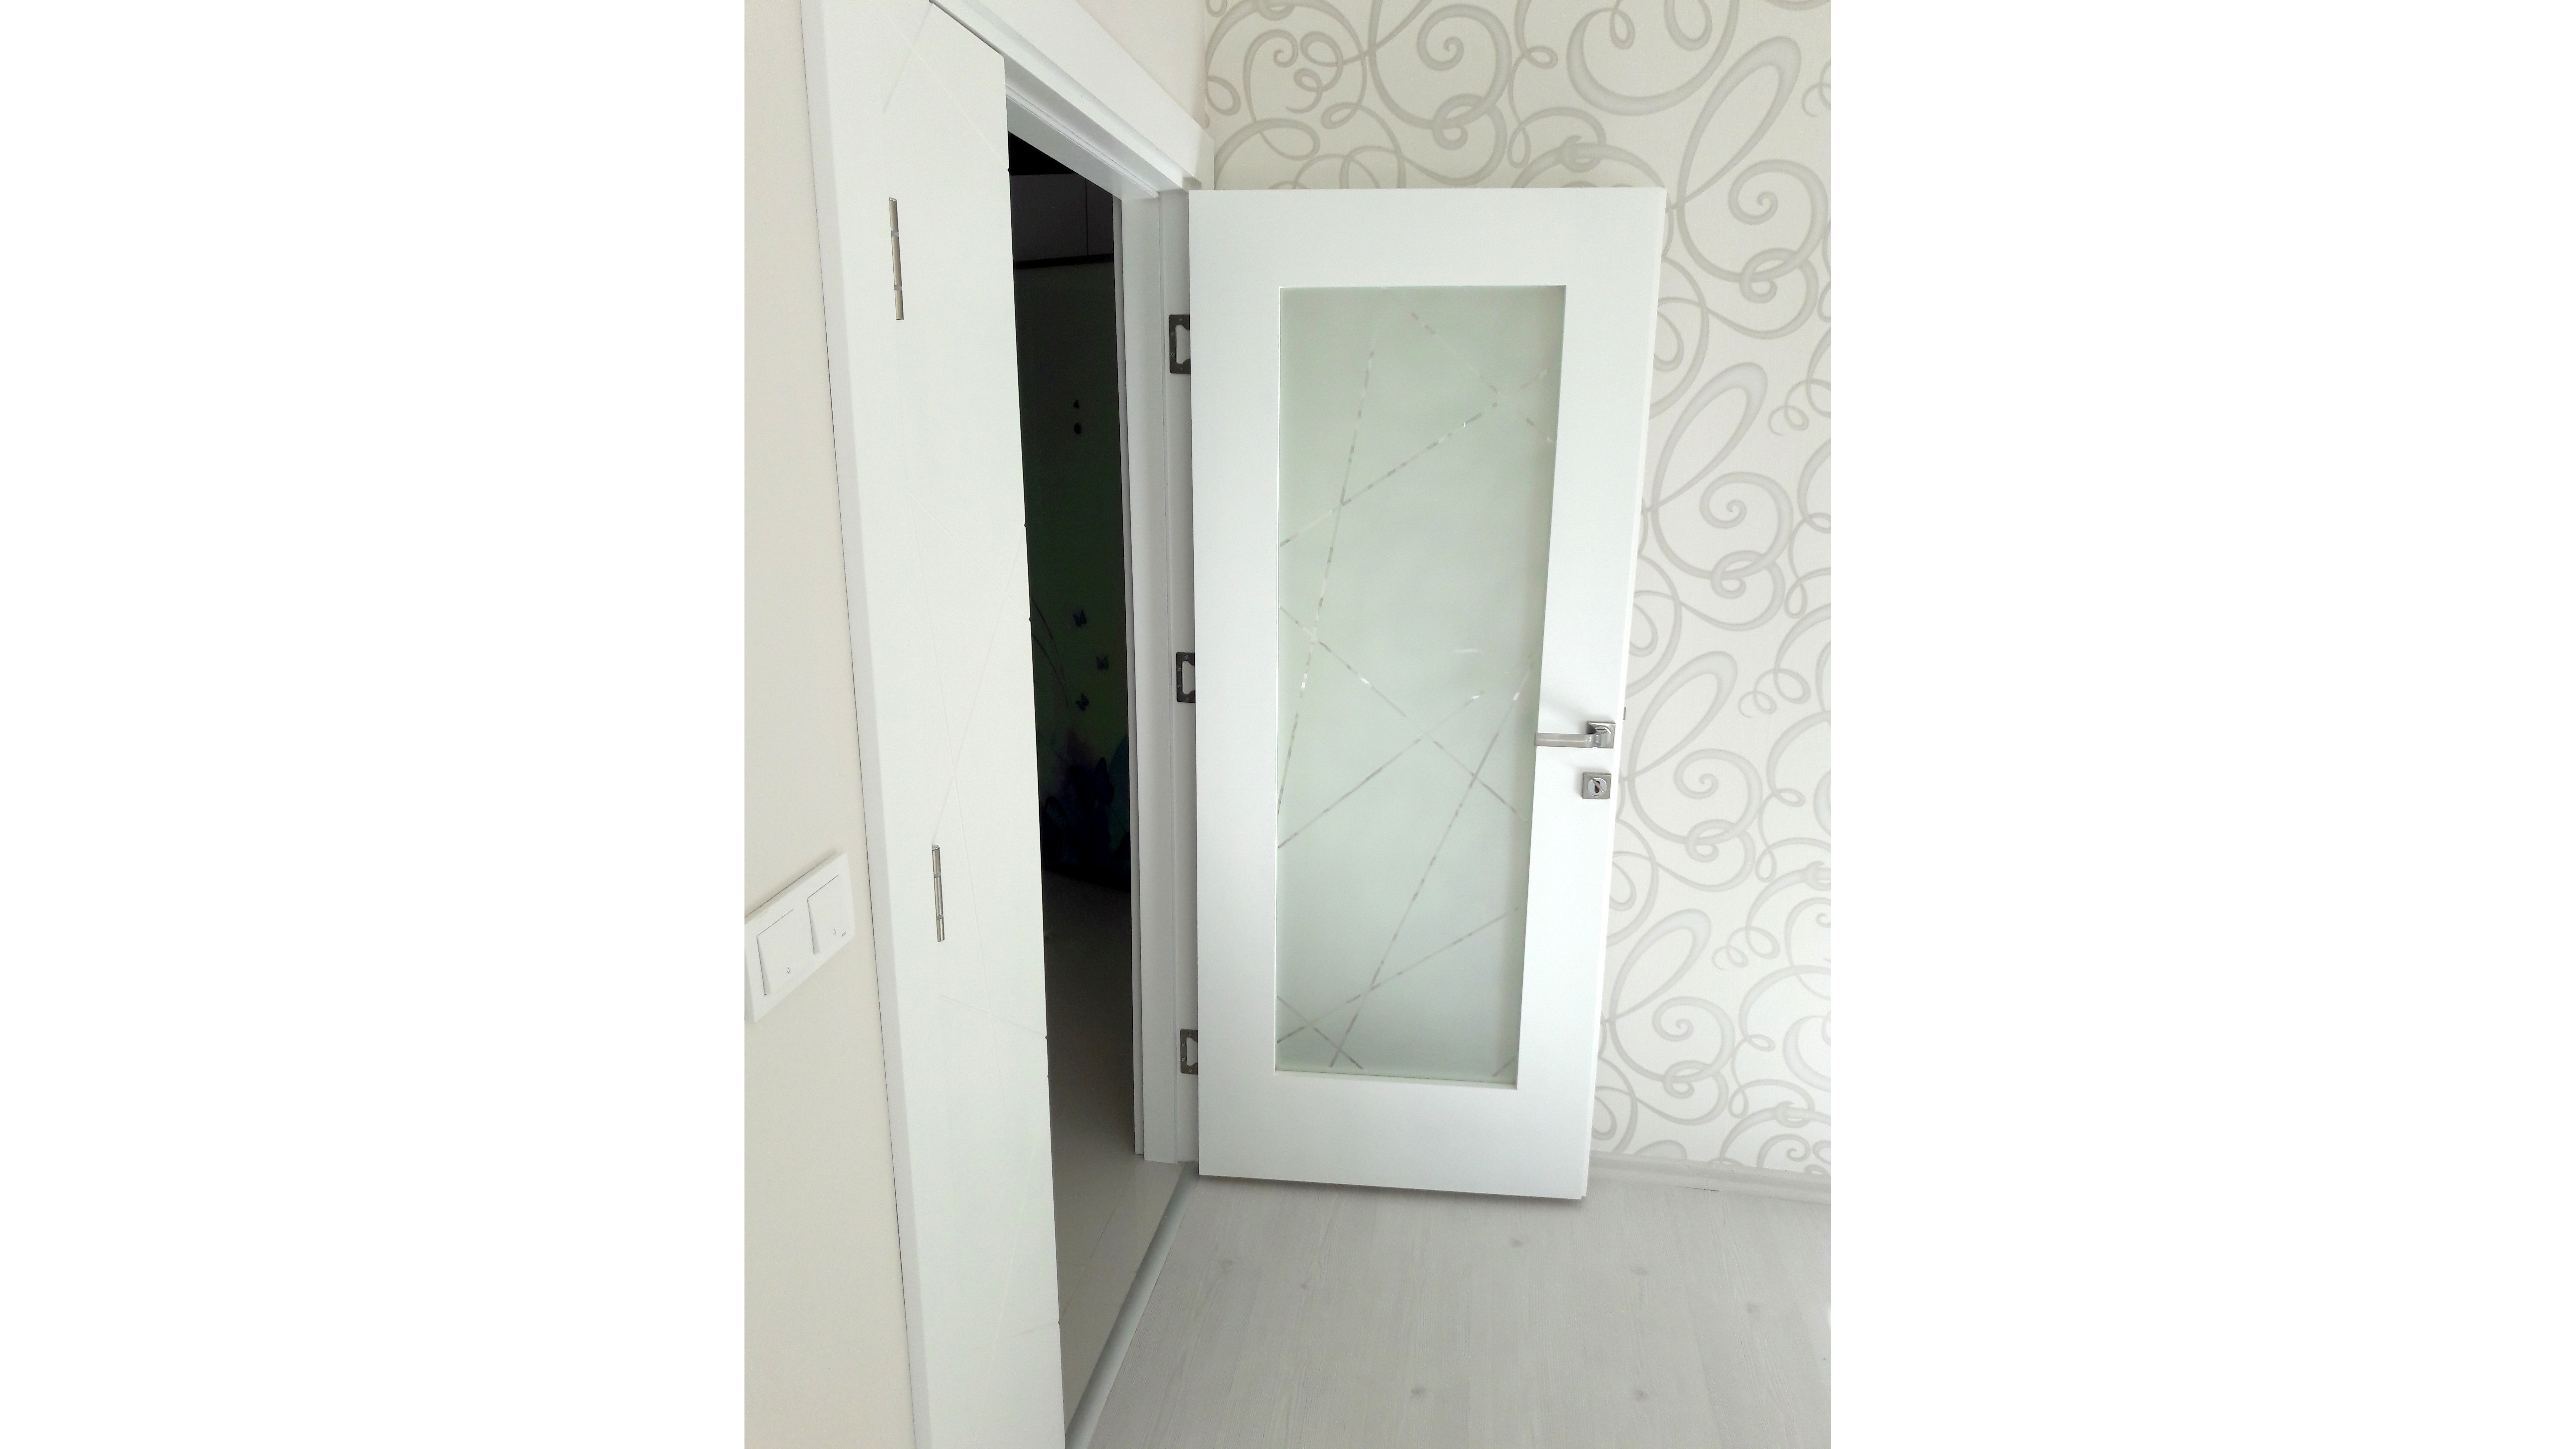 d4 iç kapı1